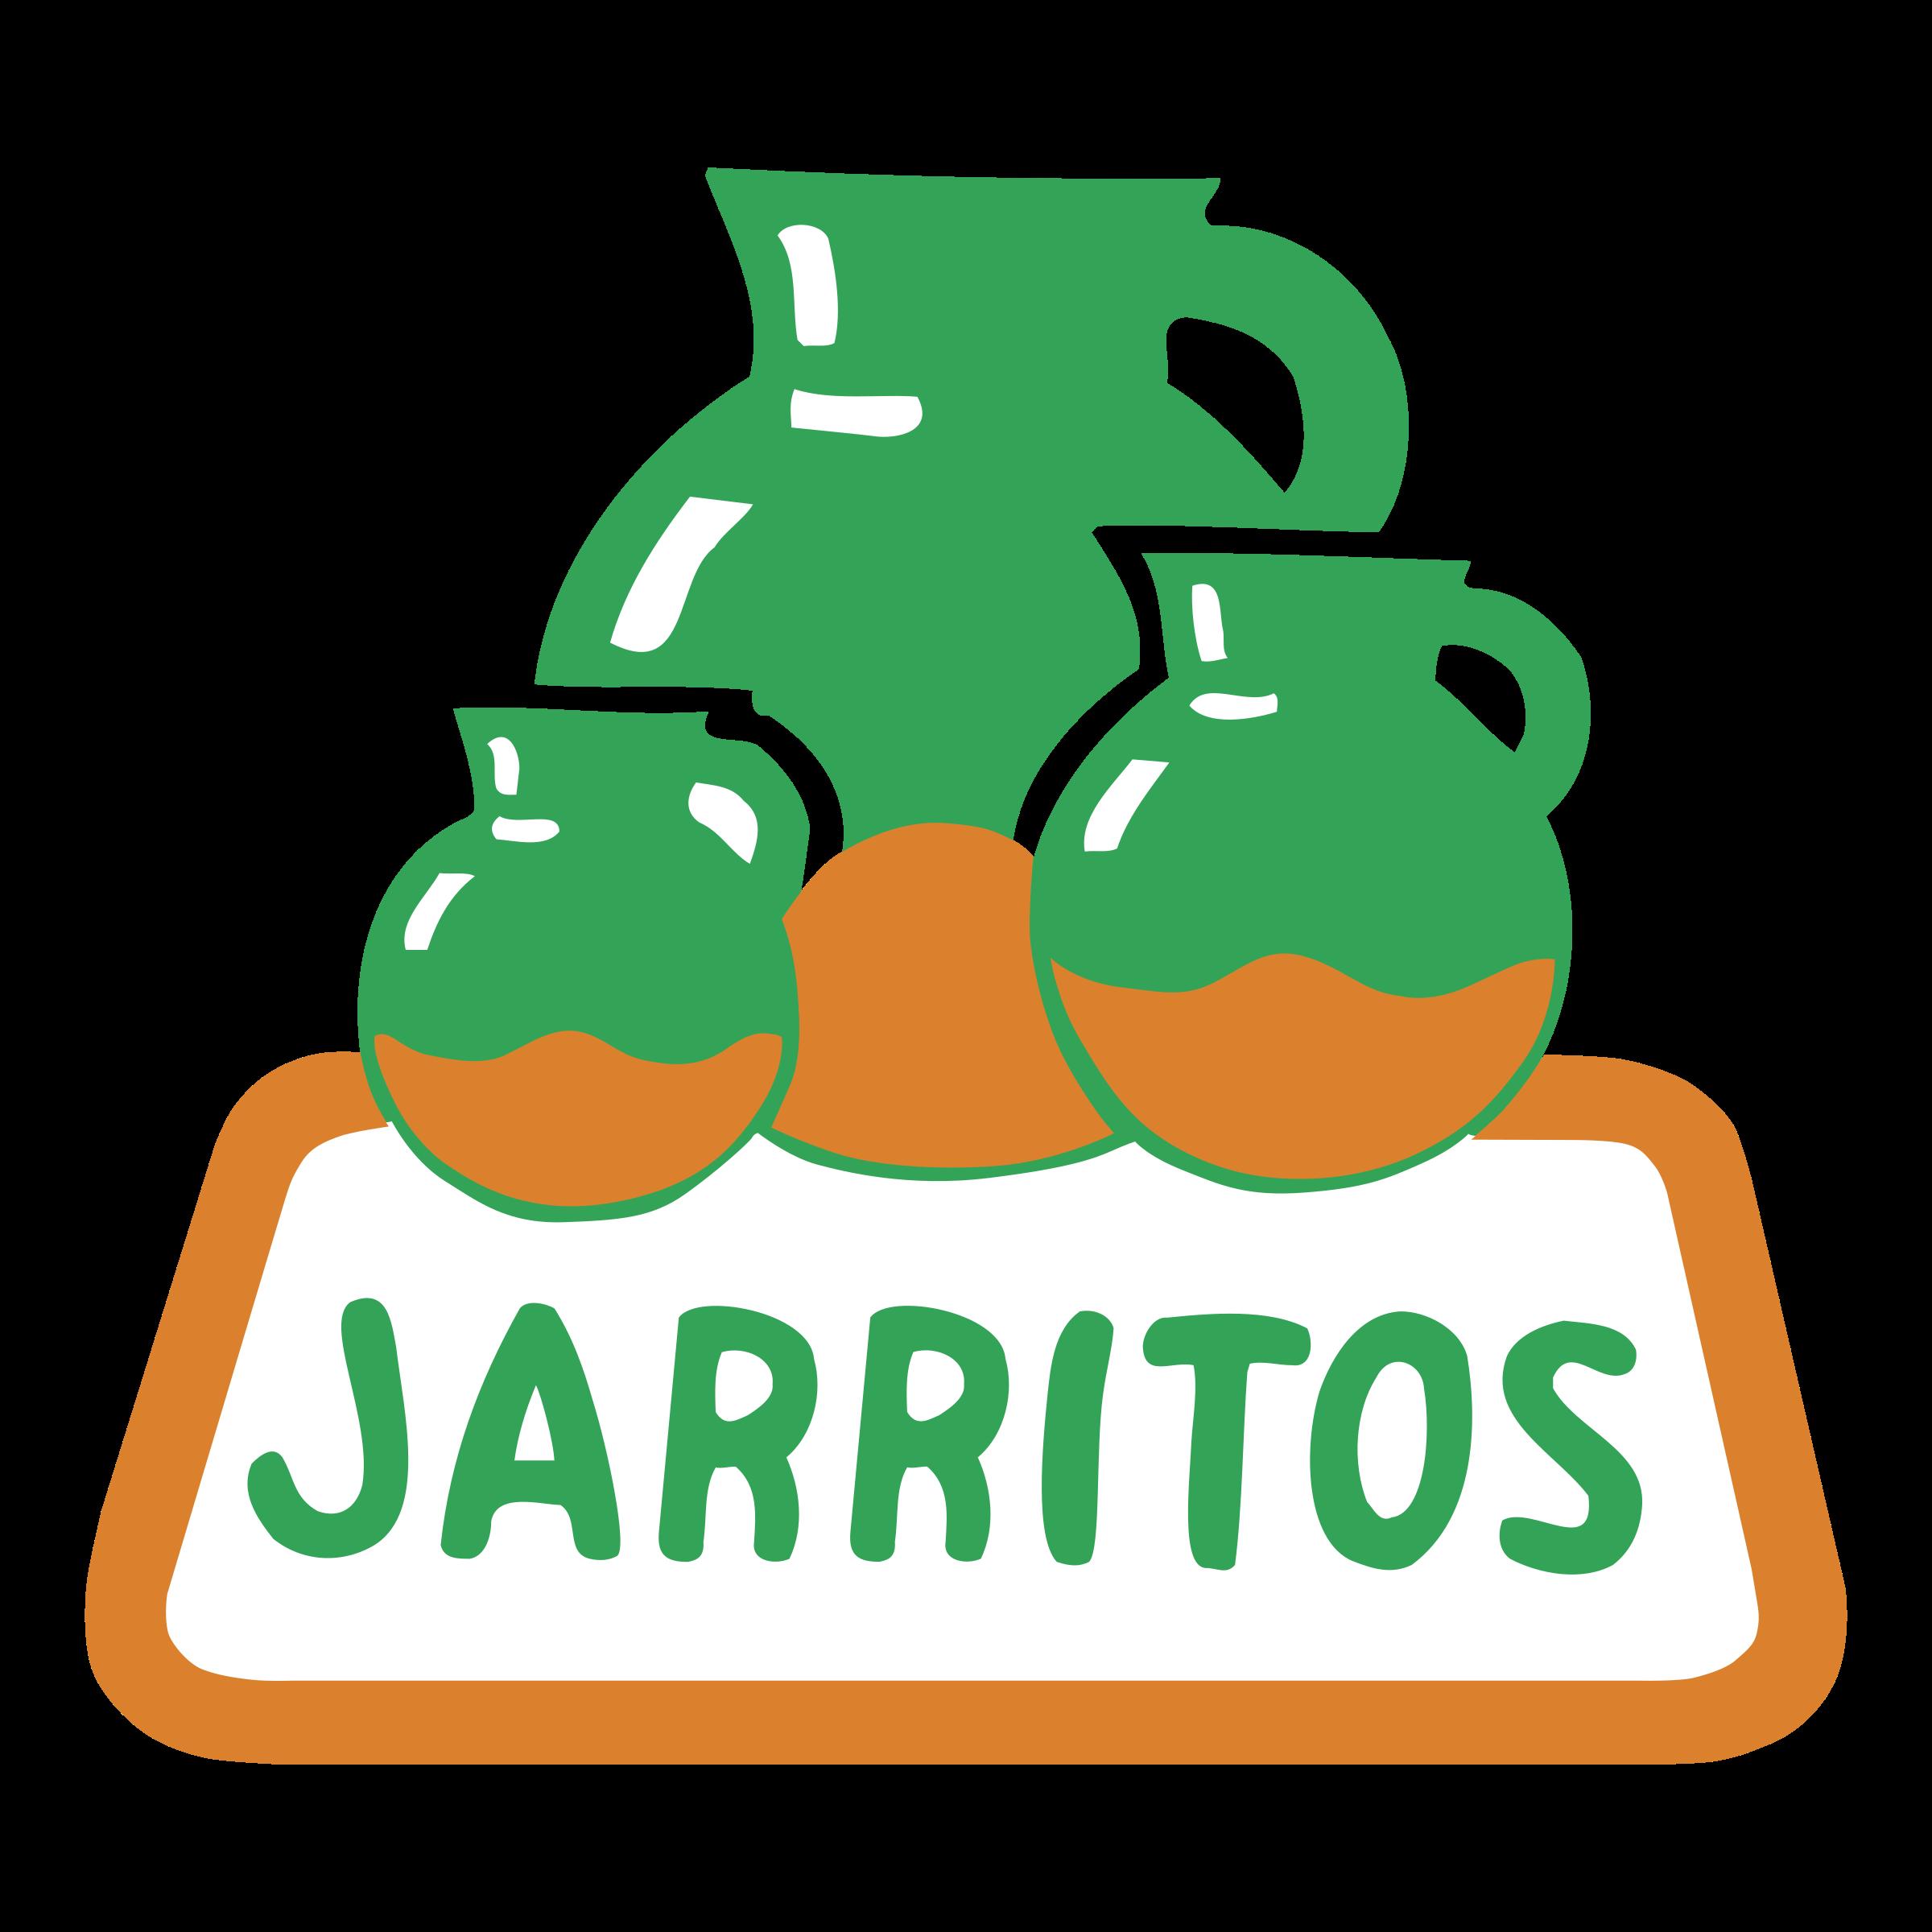 8_jarritos-logo-png-transparent